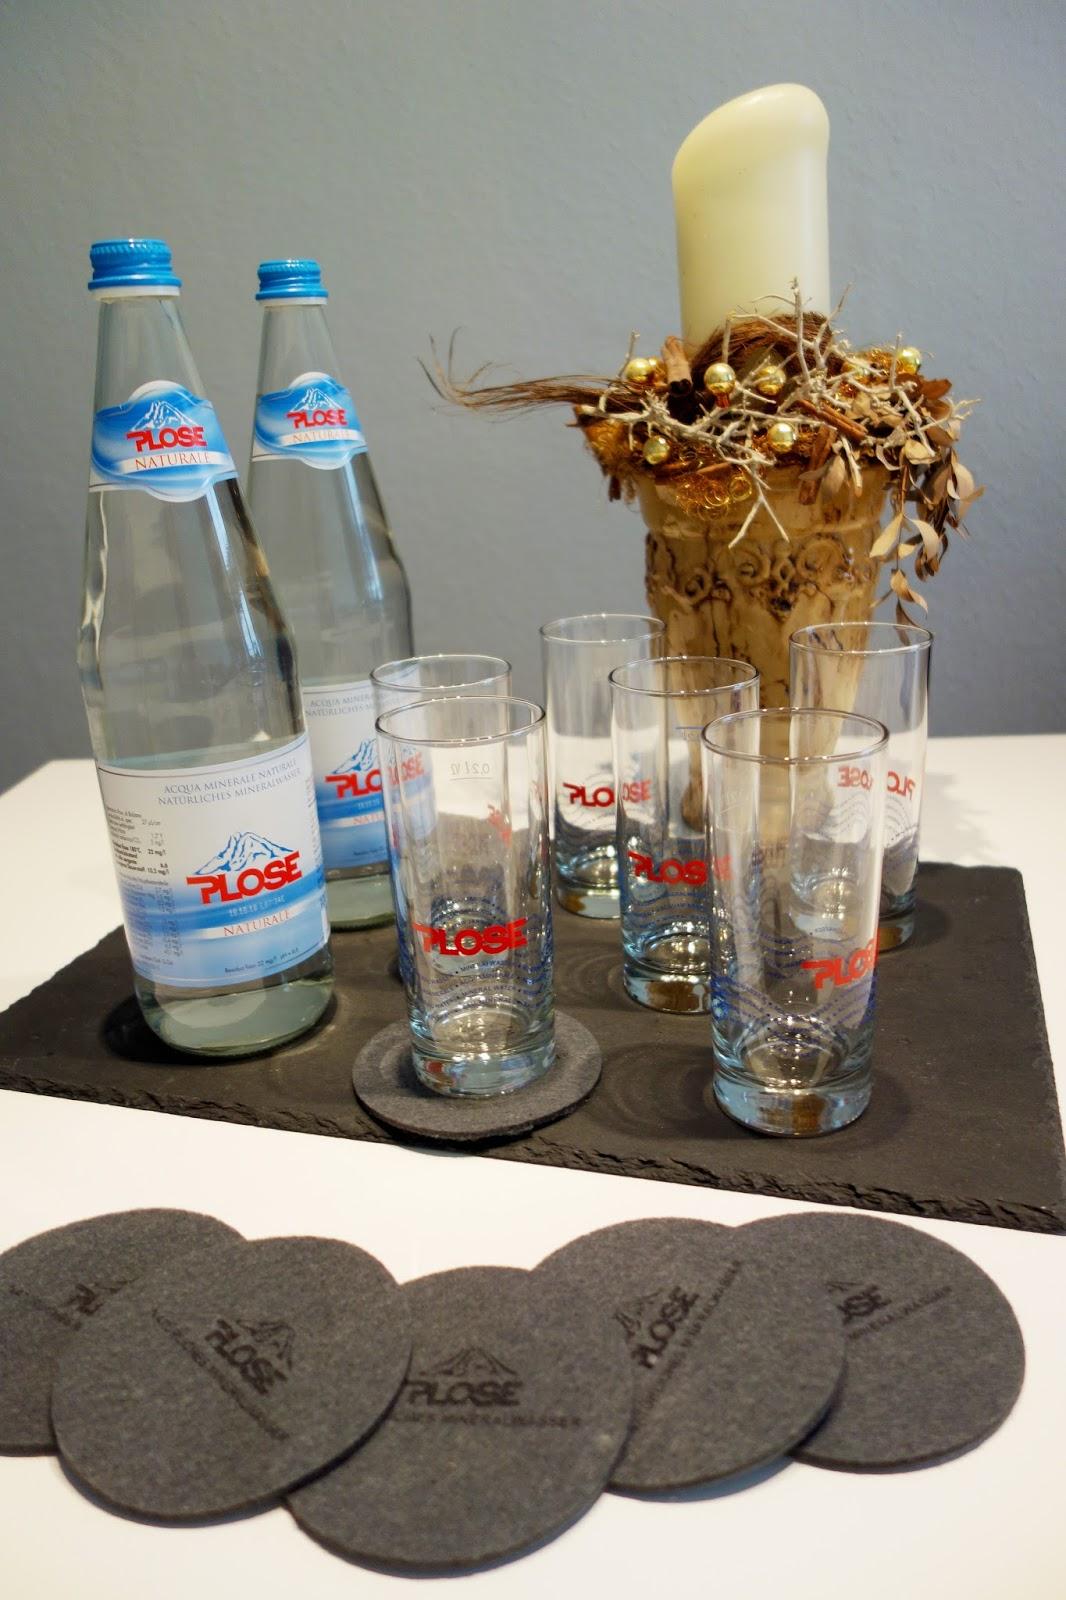 Plose Mineralwasser mit Gläsern und Untersetzern